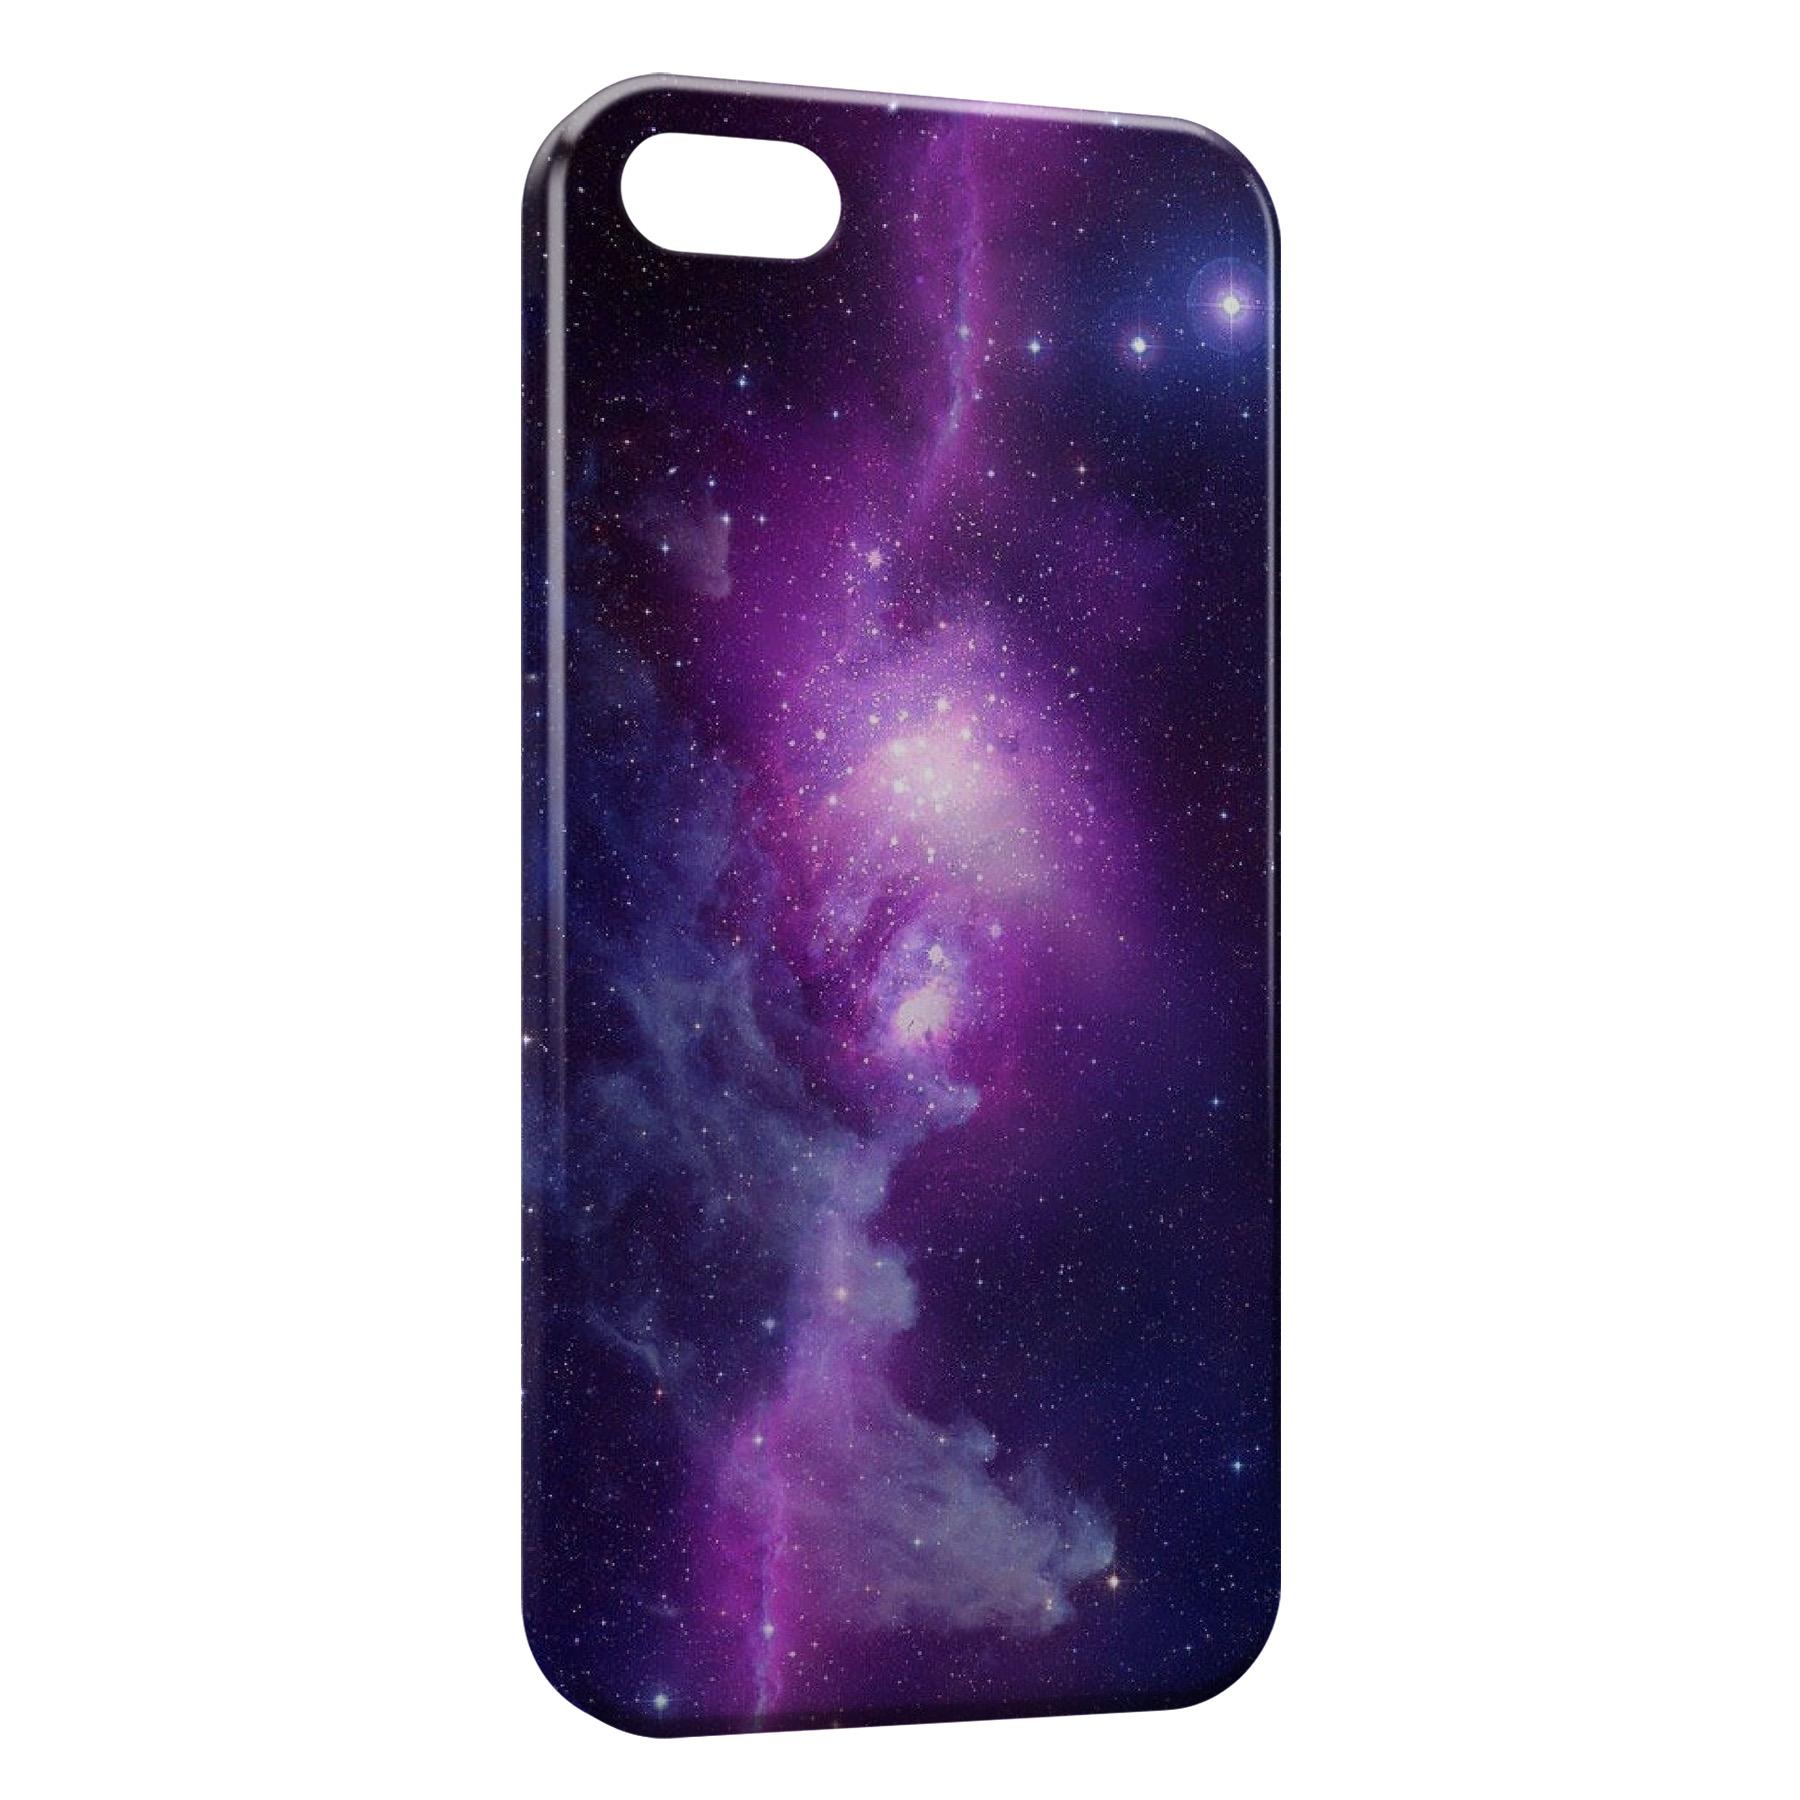 Coque iPhone 6 Plus 6S Plus Galaxy 2 1